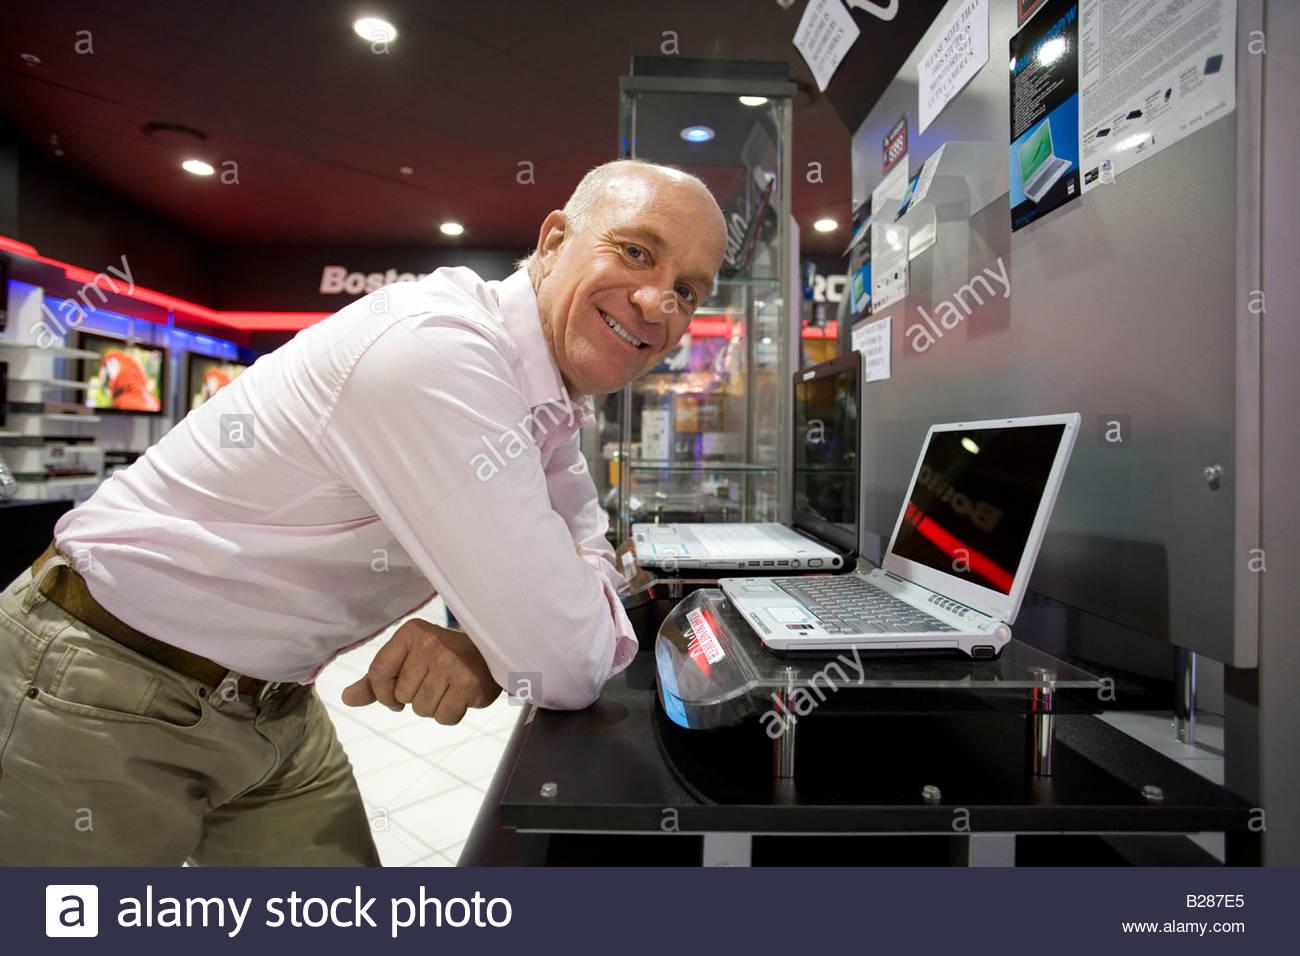 Mann mit Laptop-Computer im Elektronik-Geschäft, Lächeln, Porträt Stockbild